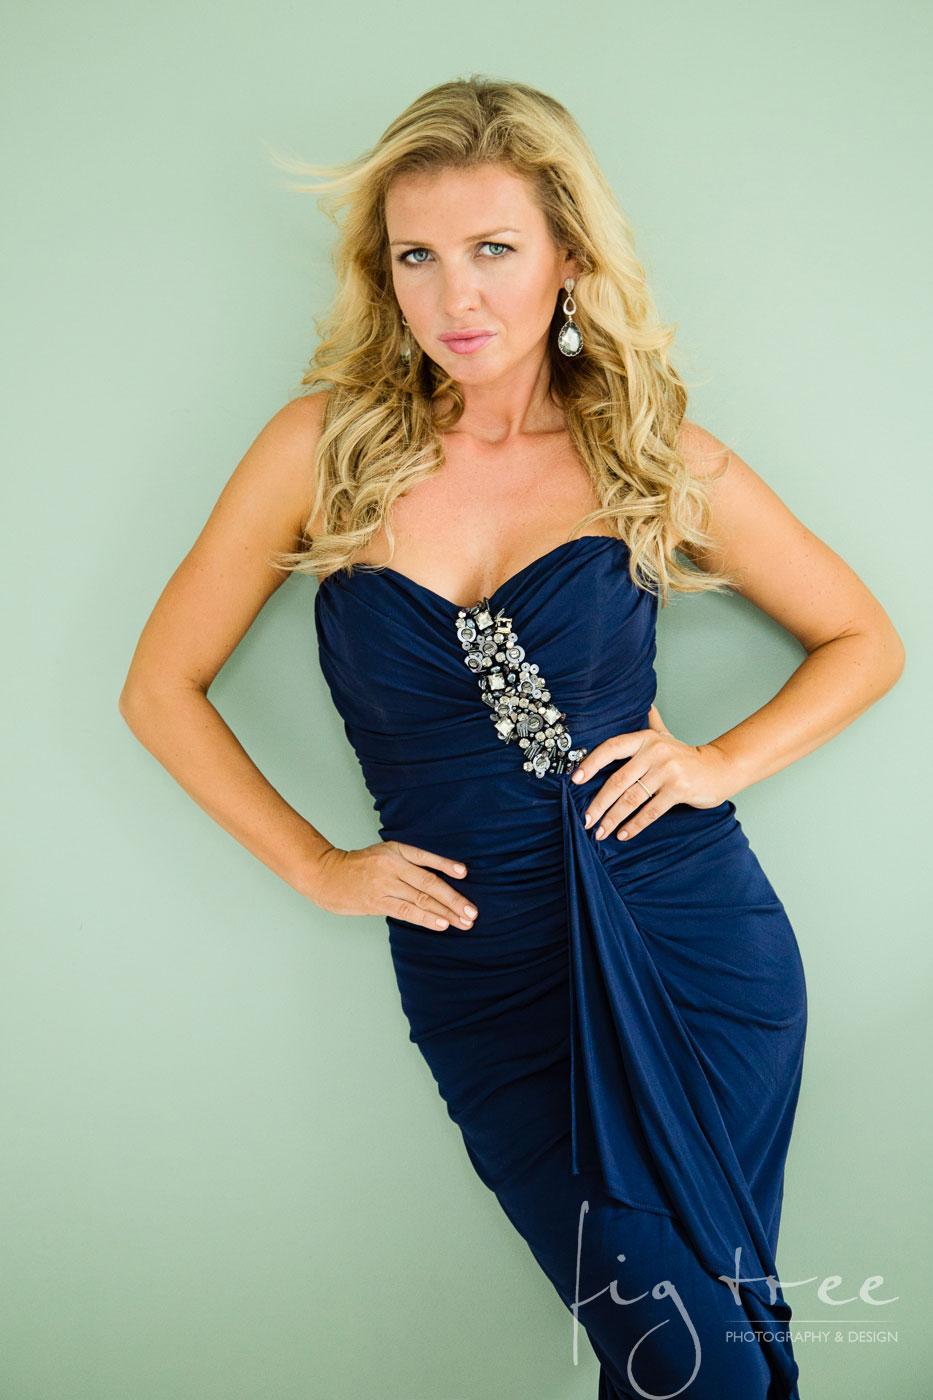 Beautiful glamour portrait - Aleksandra from Philadlephia